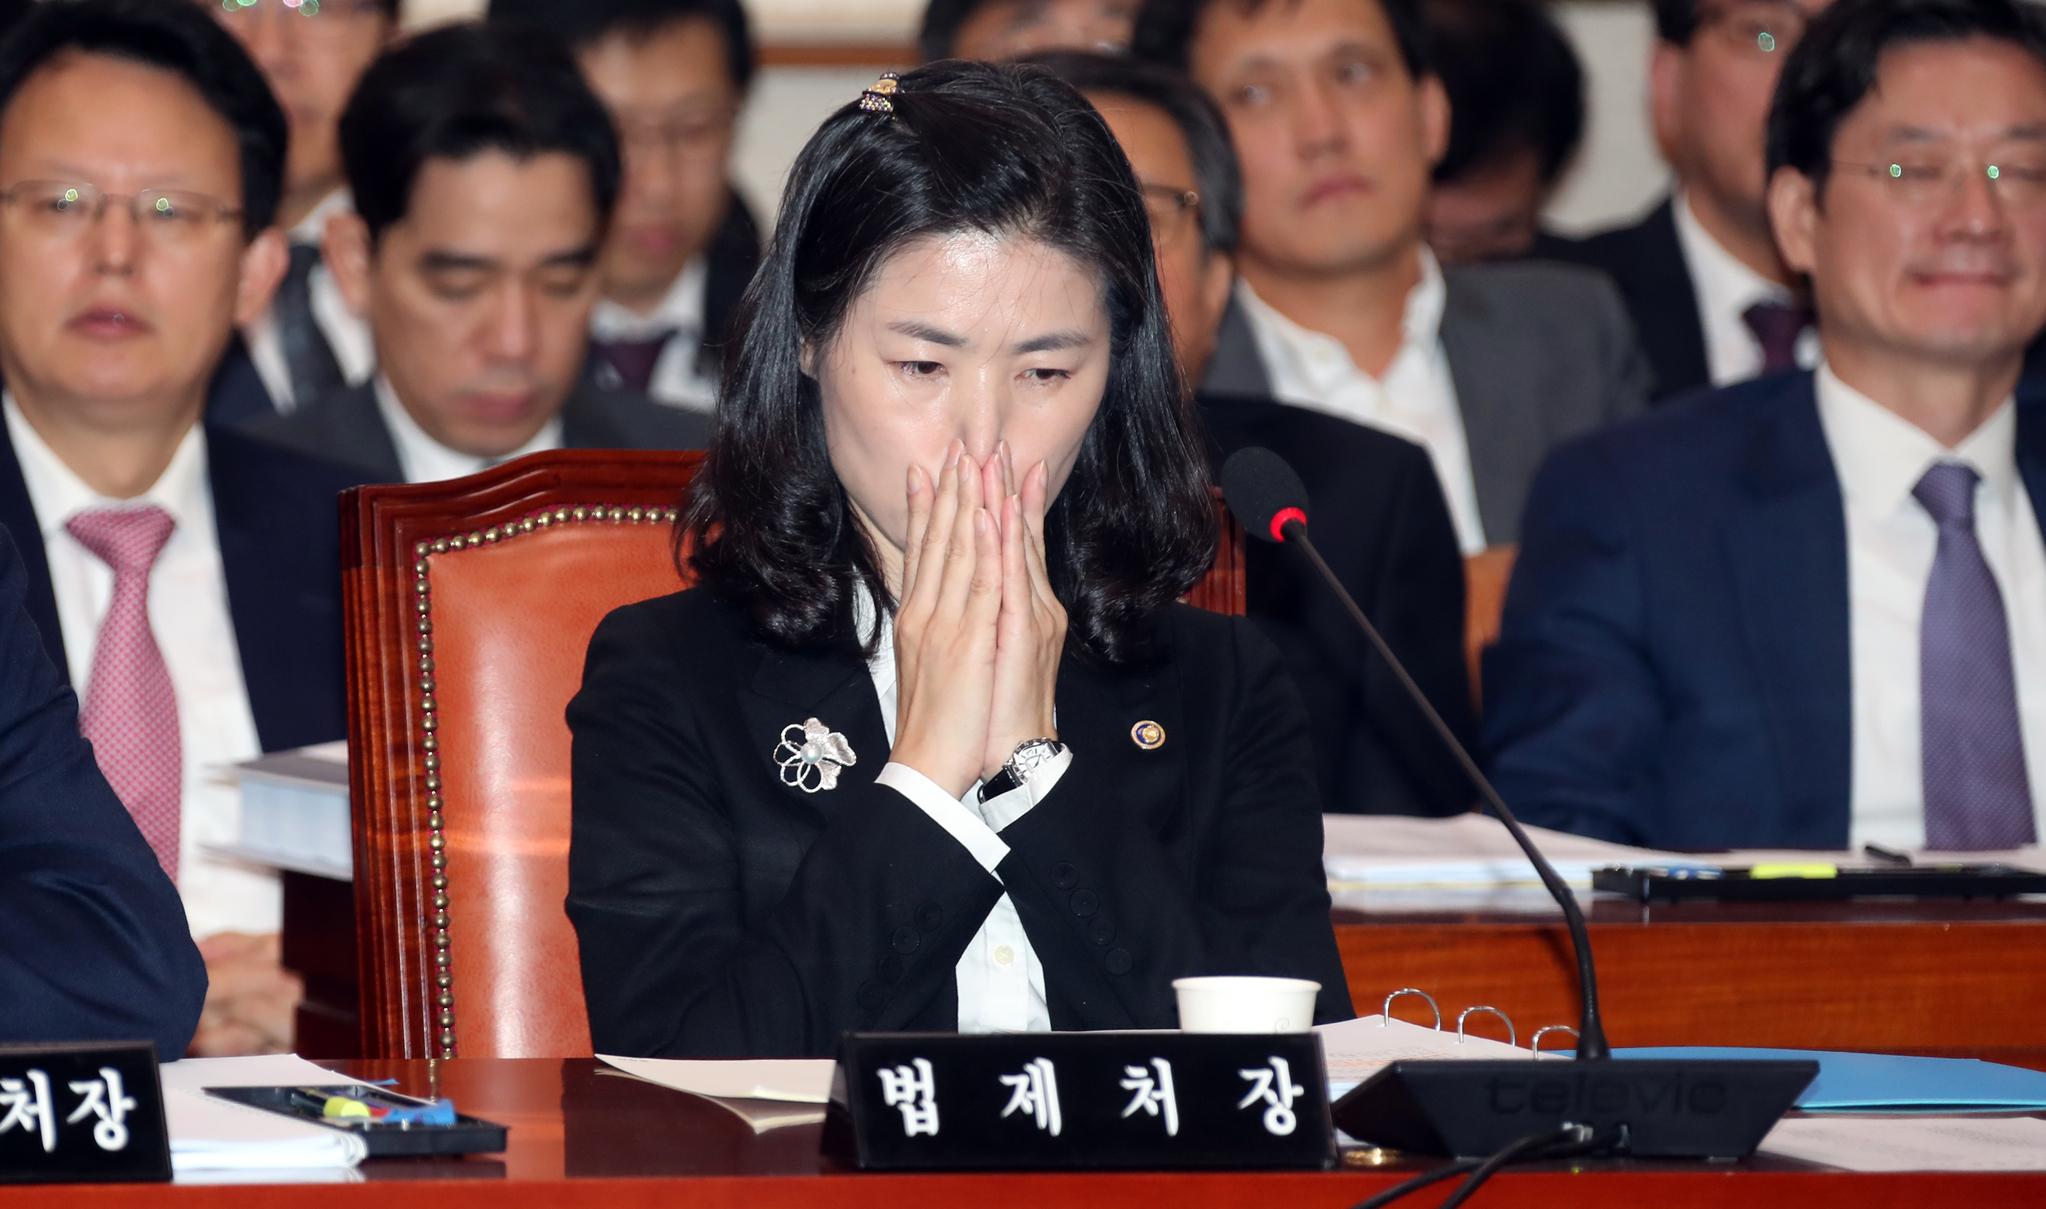 국회 법제사법위원회의 국정감사가 29일 국회에서 열렸다. 김외숙 법제처장이 의원들의 질의를 듣고 있다. 변선구 기자